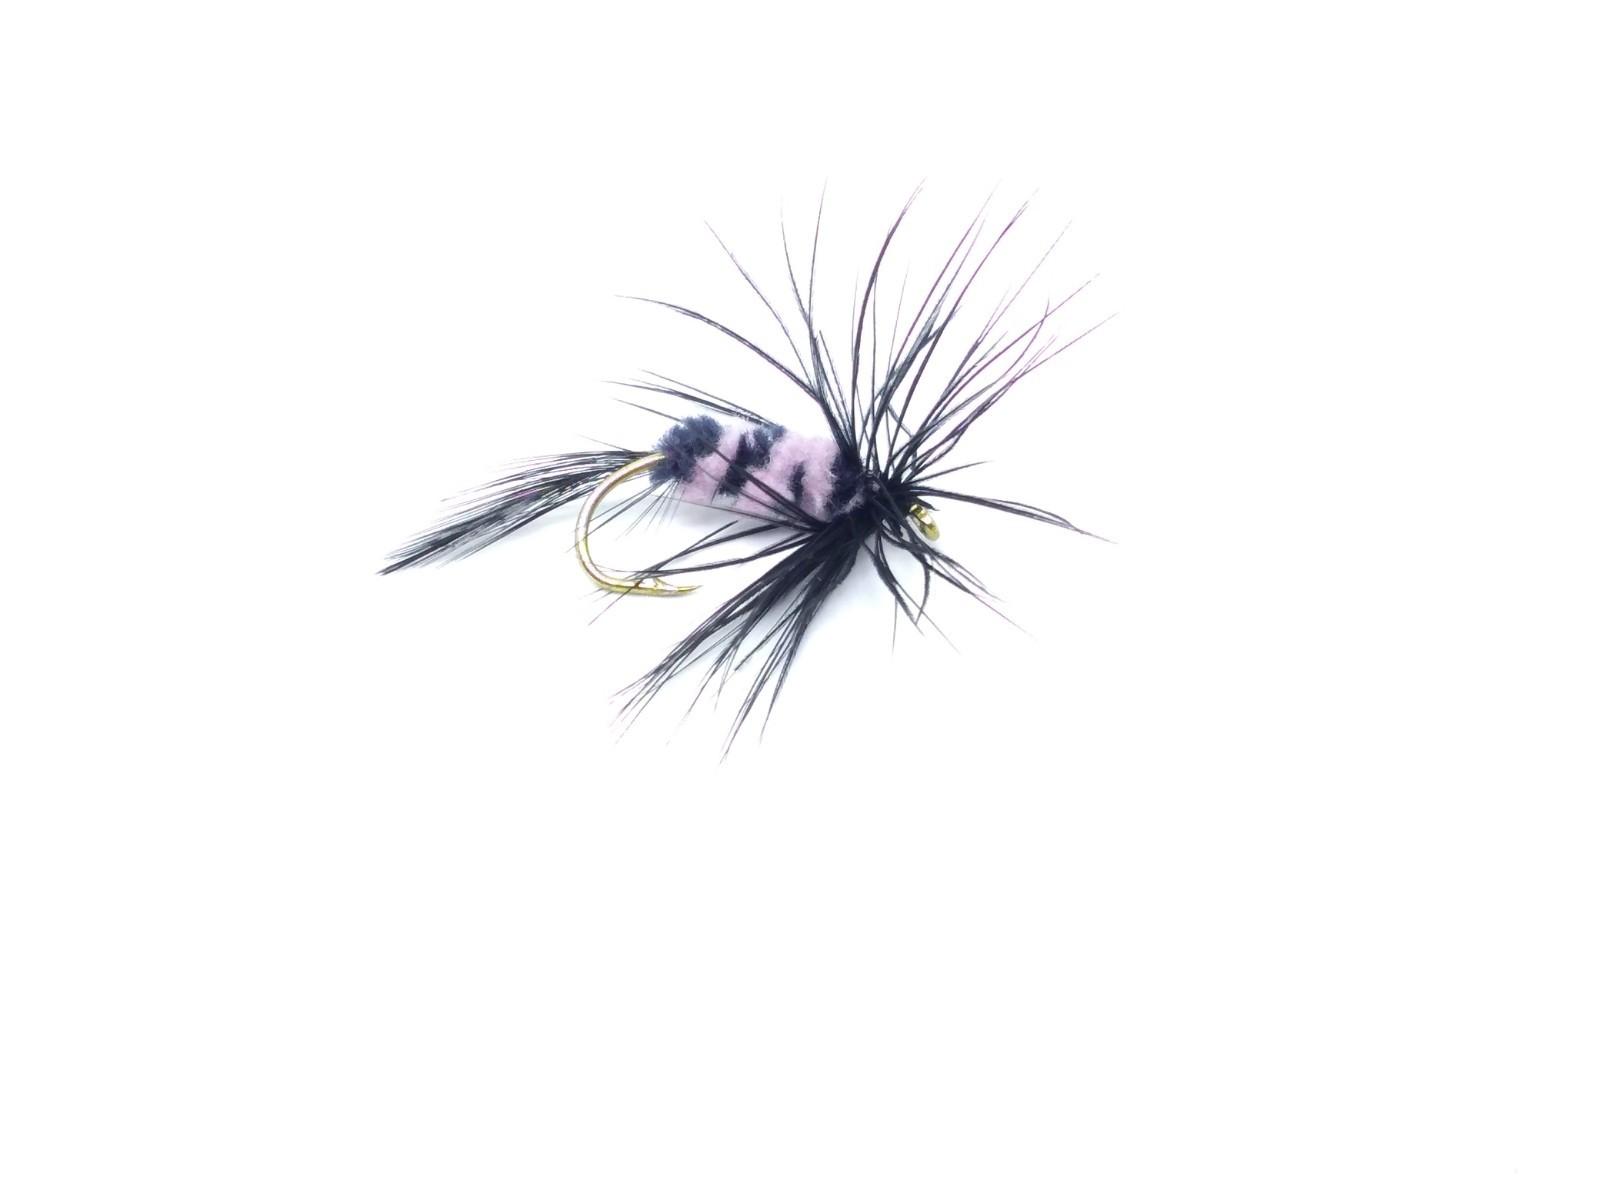 Kit 12 Moscas P/ Fly Maruri - KFF02  - Life Pesca - Sua loja de Pesca, Camping e Lazer